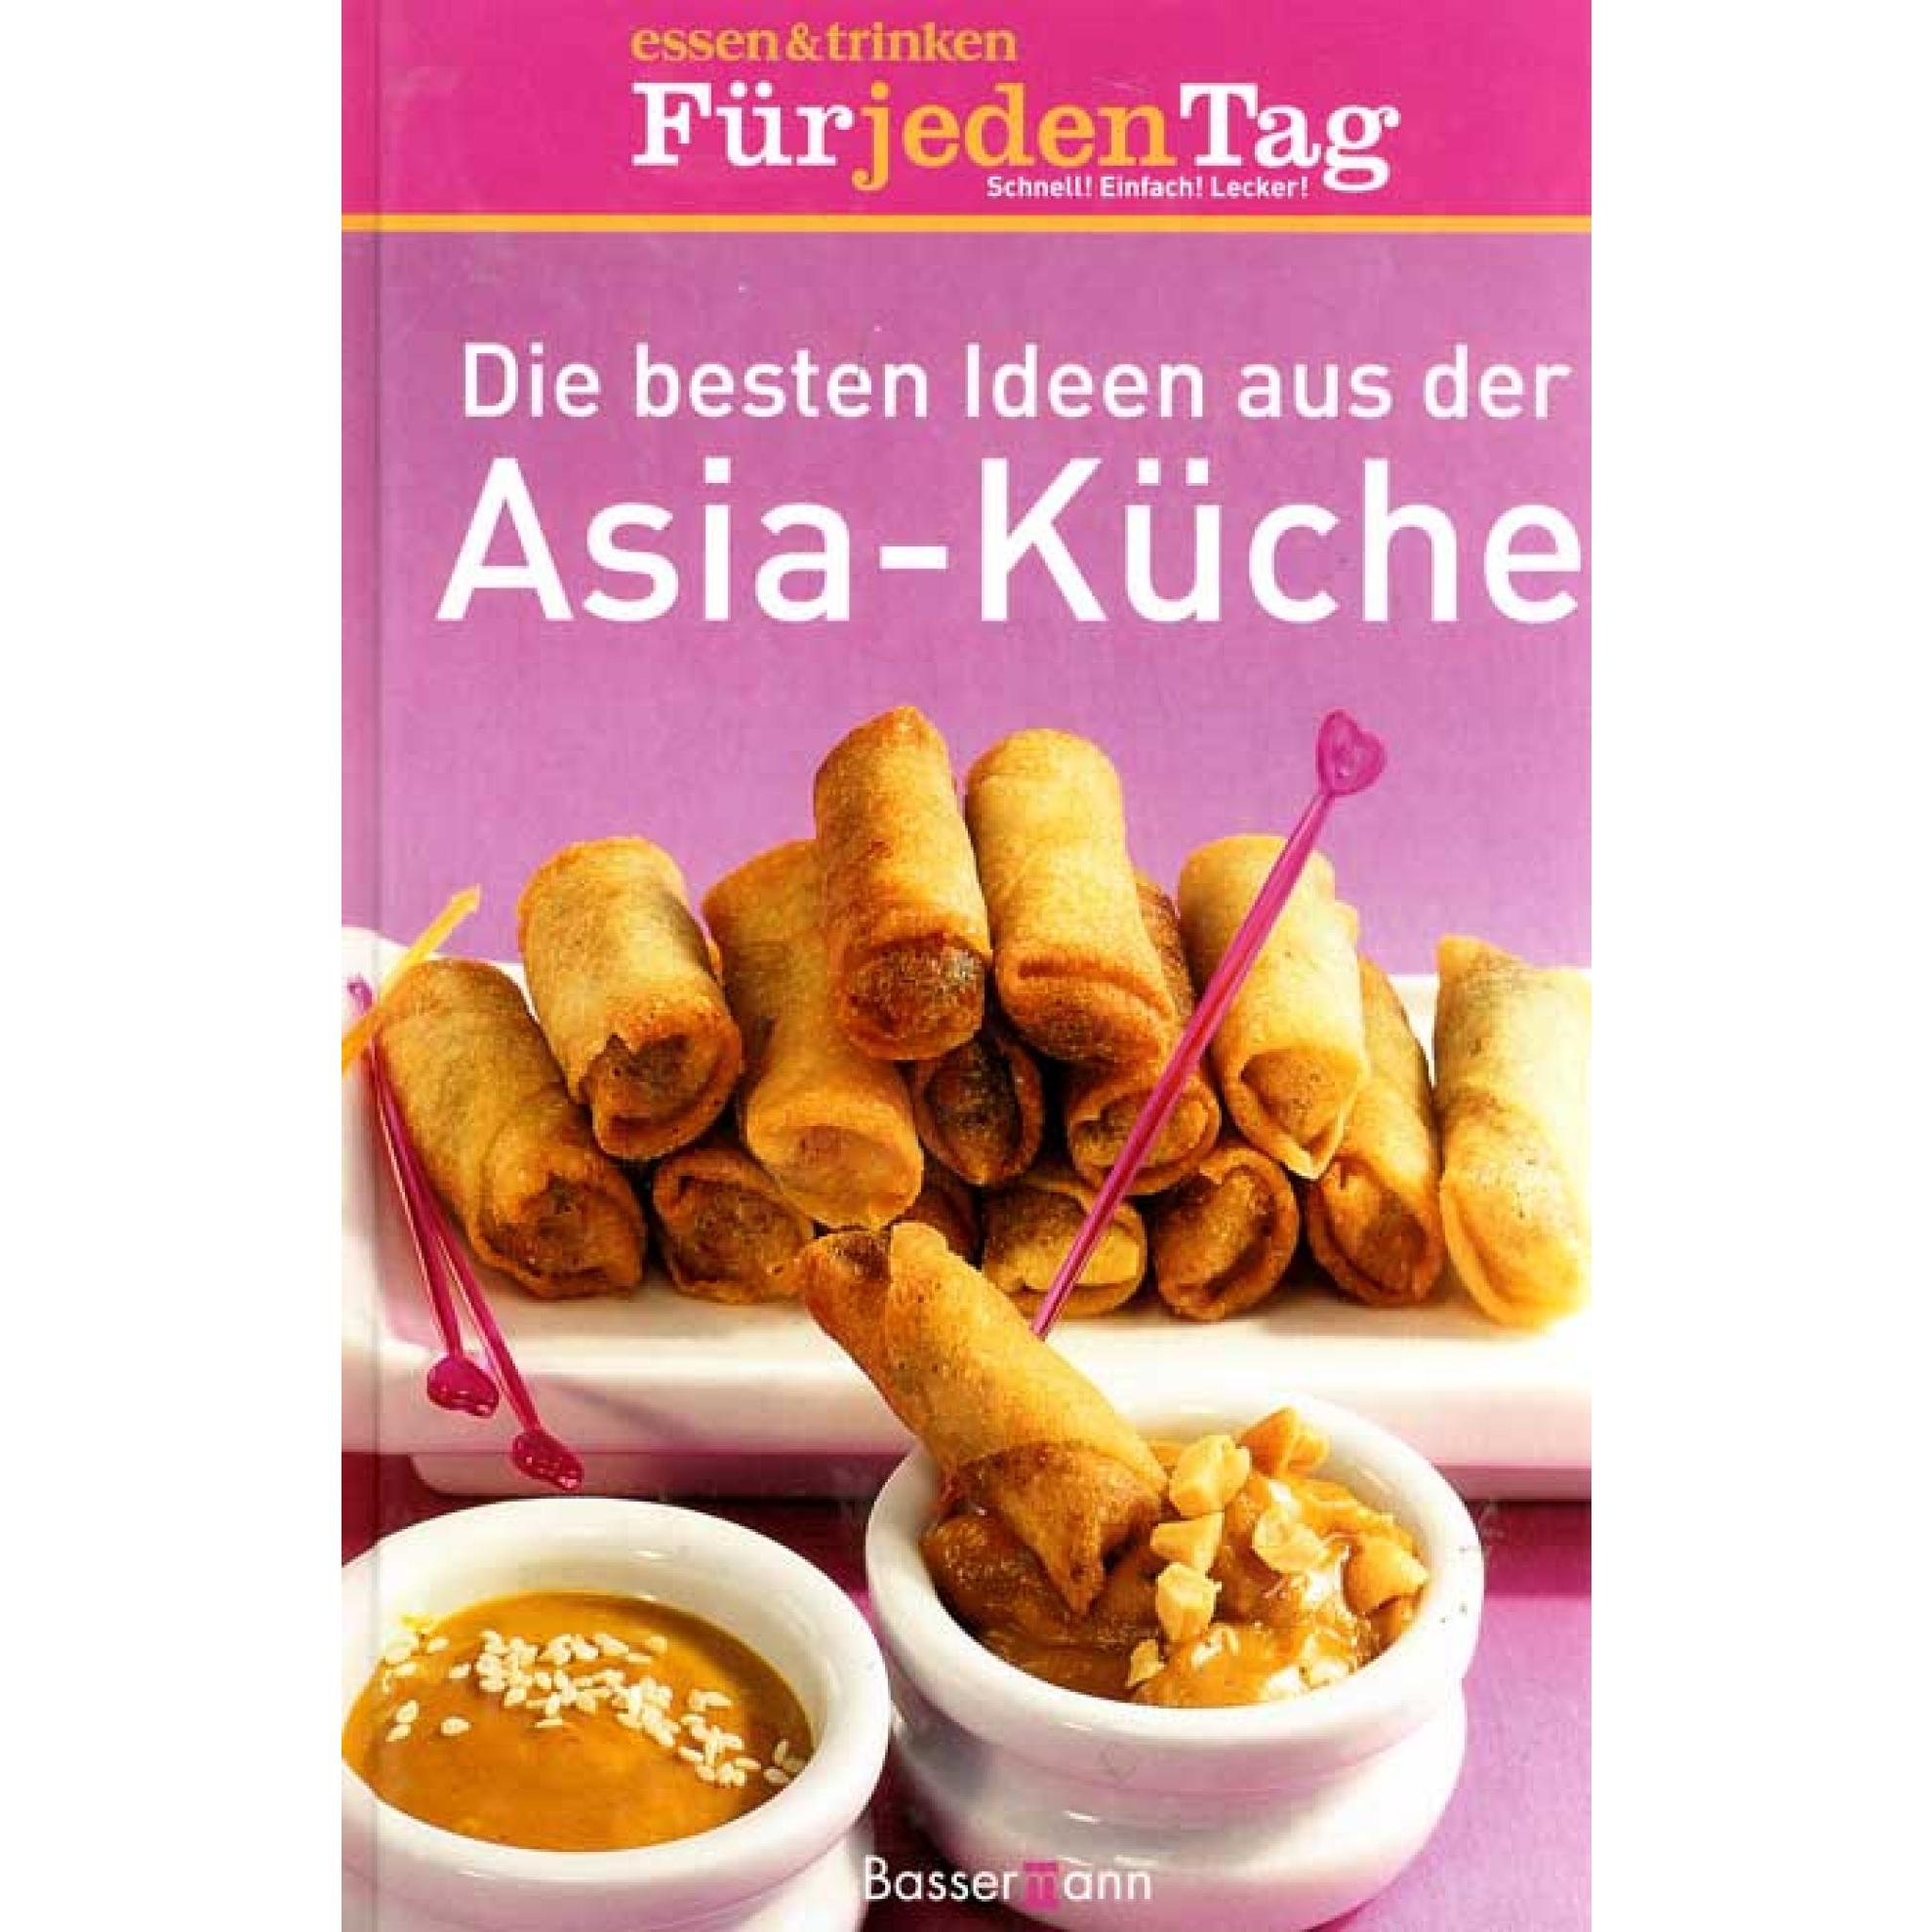 besten ideen aus der asia-küche (german language cookbook